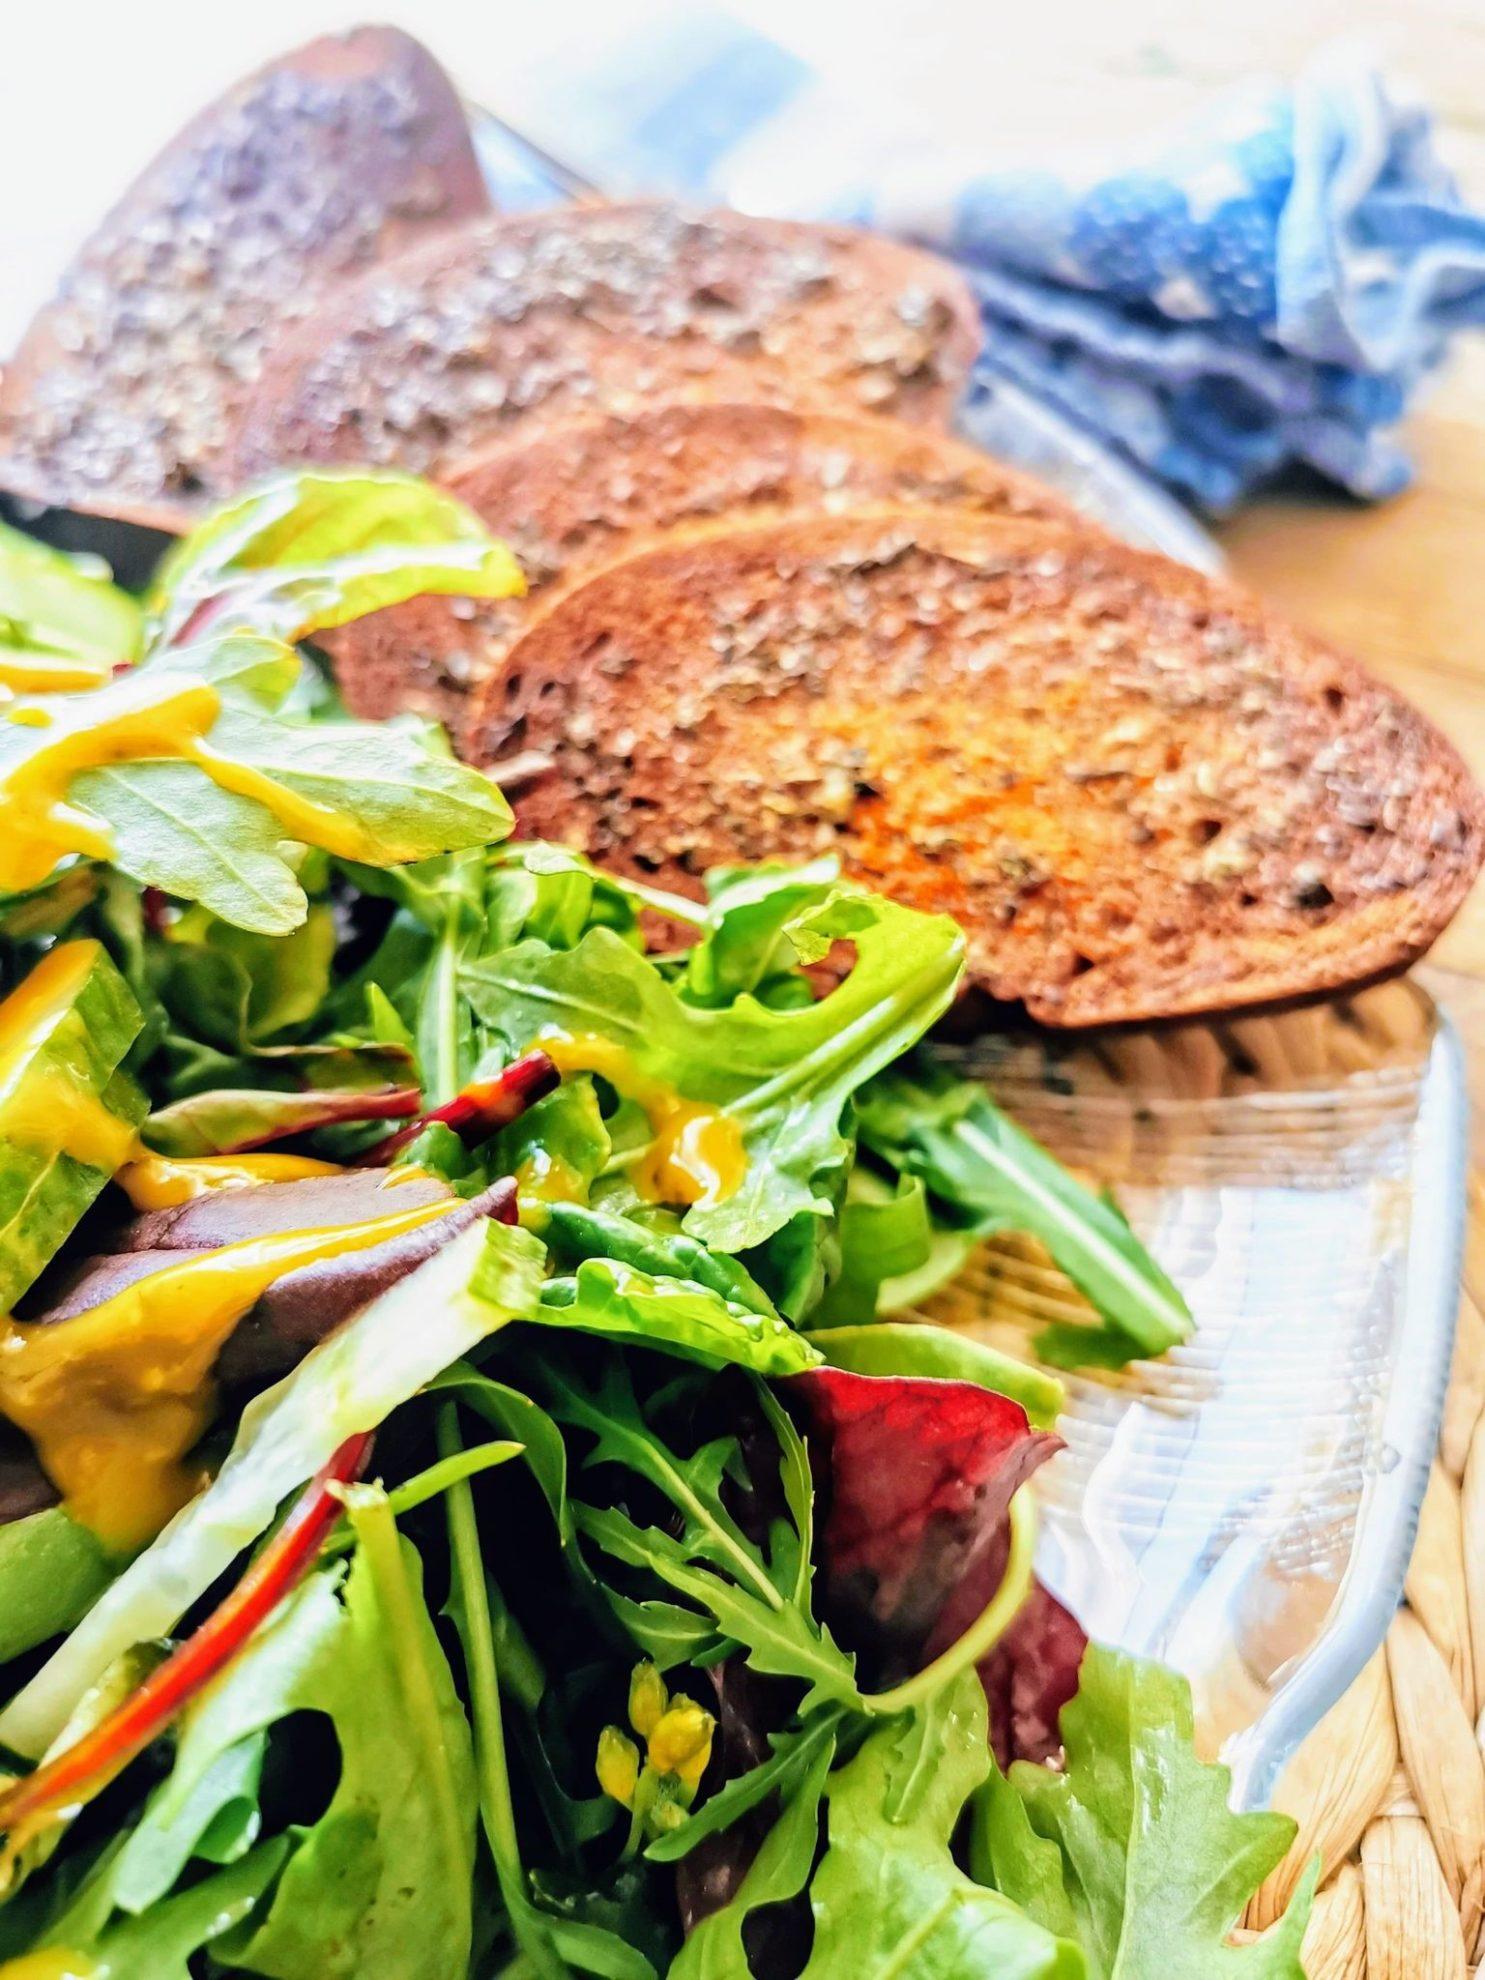 mediterranes Brot aus dem Ofen - perfekte Resteverwertung für altes Brot.